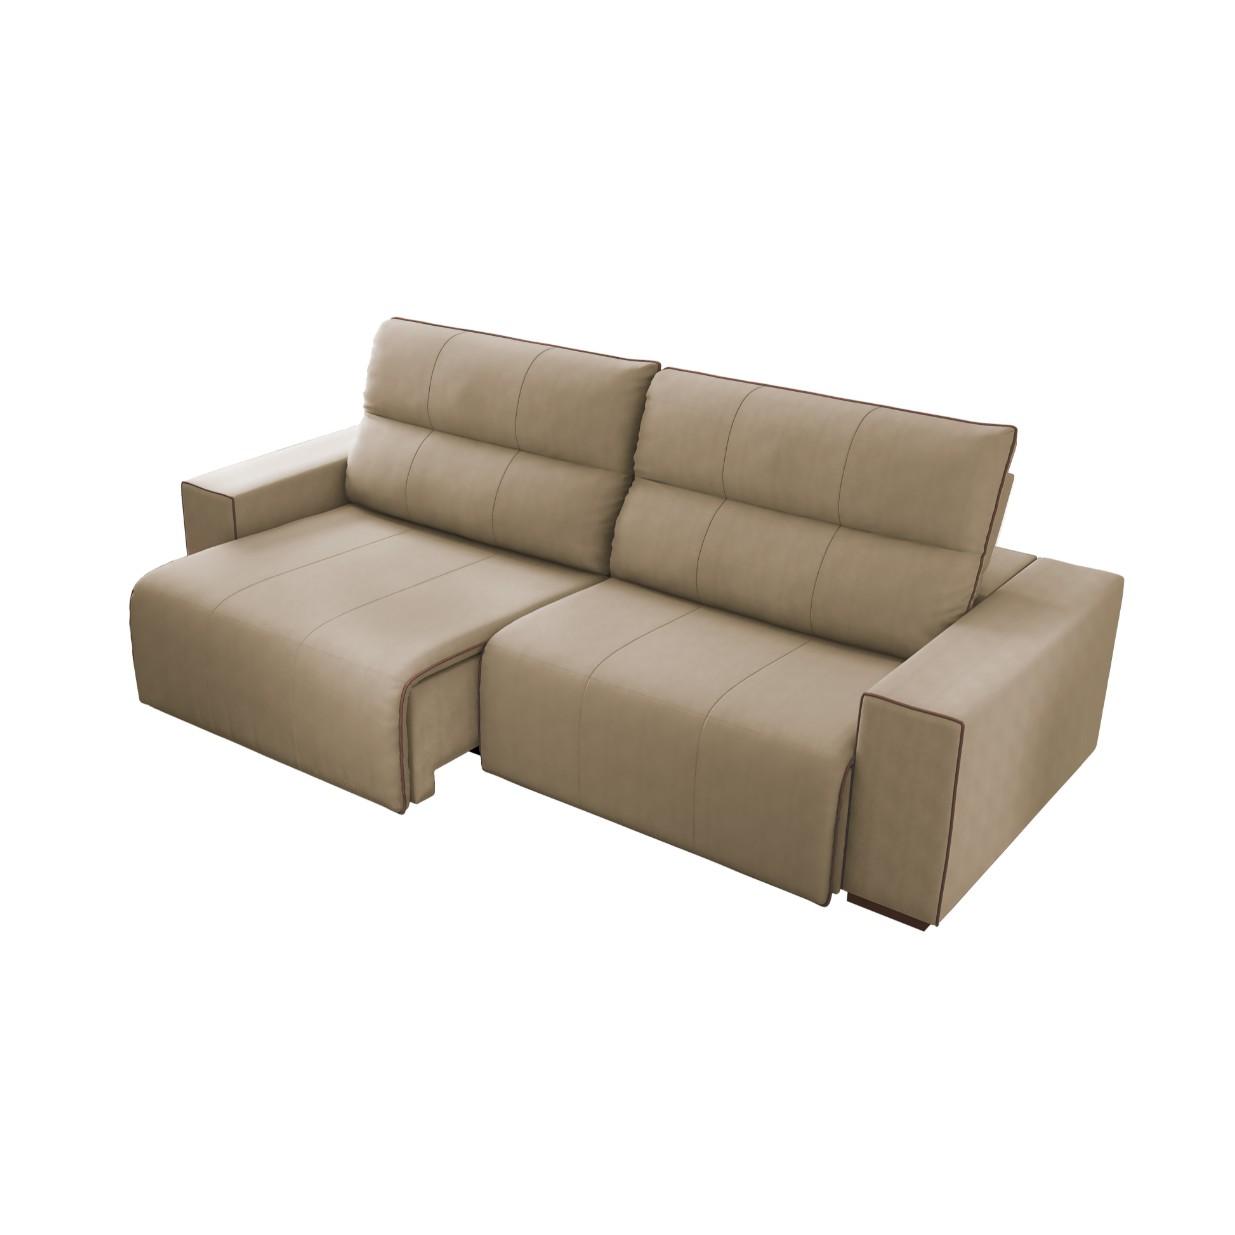 Sofa 2 Lugares Leblon Retratil Reclinavel Veludo 252cm Castor - Spazzio